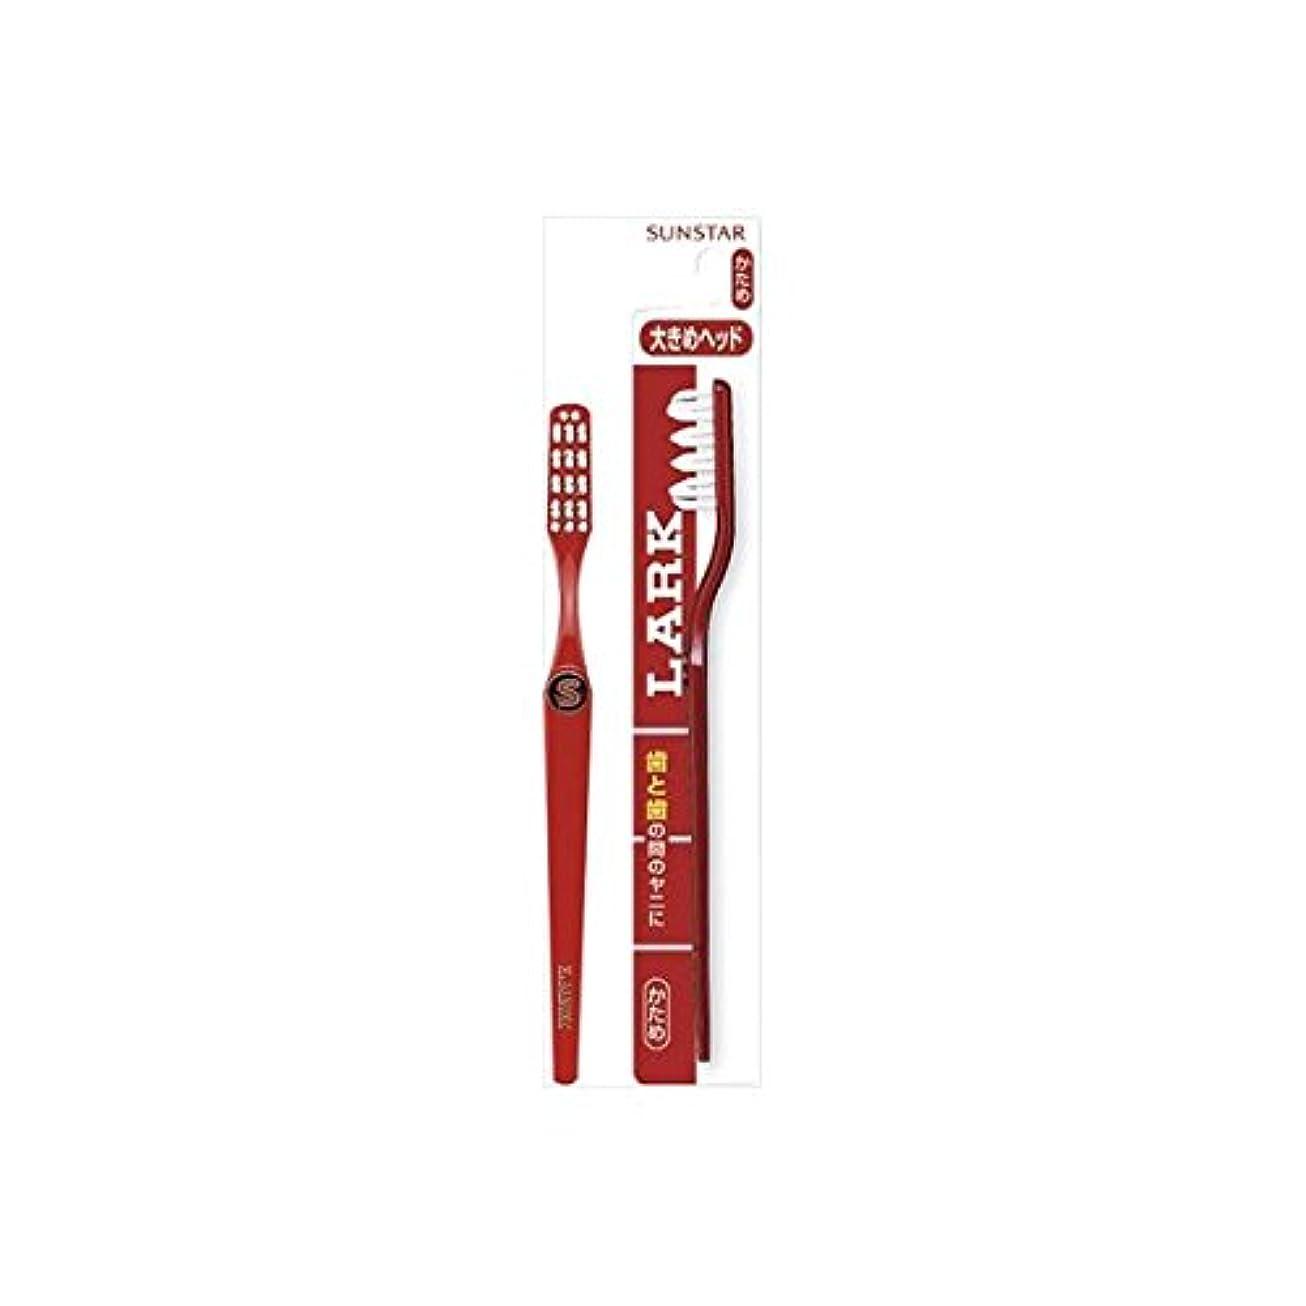 ファウルアルネスケルトンサンスター ラーク 歯ブラシ レギュラーヘッド × 6 点セット